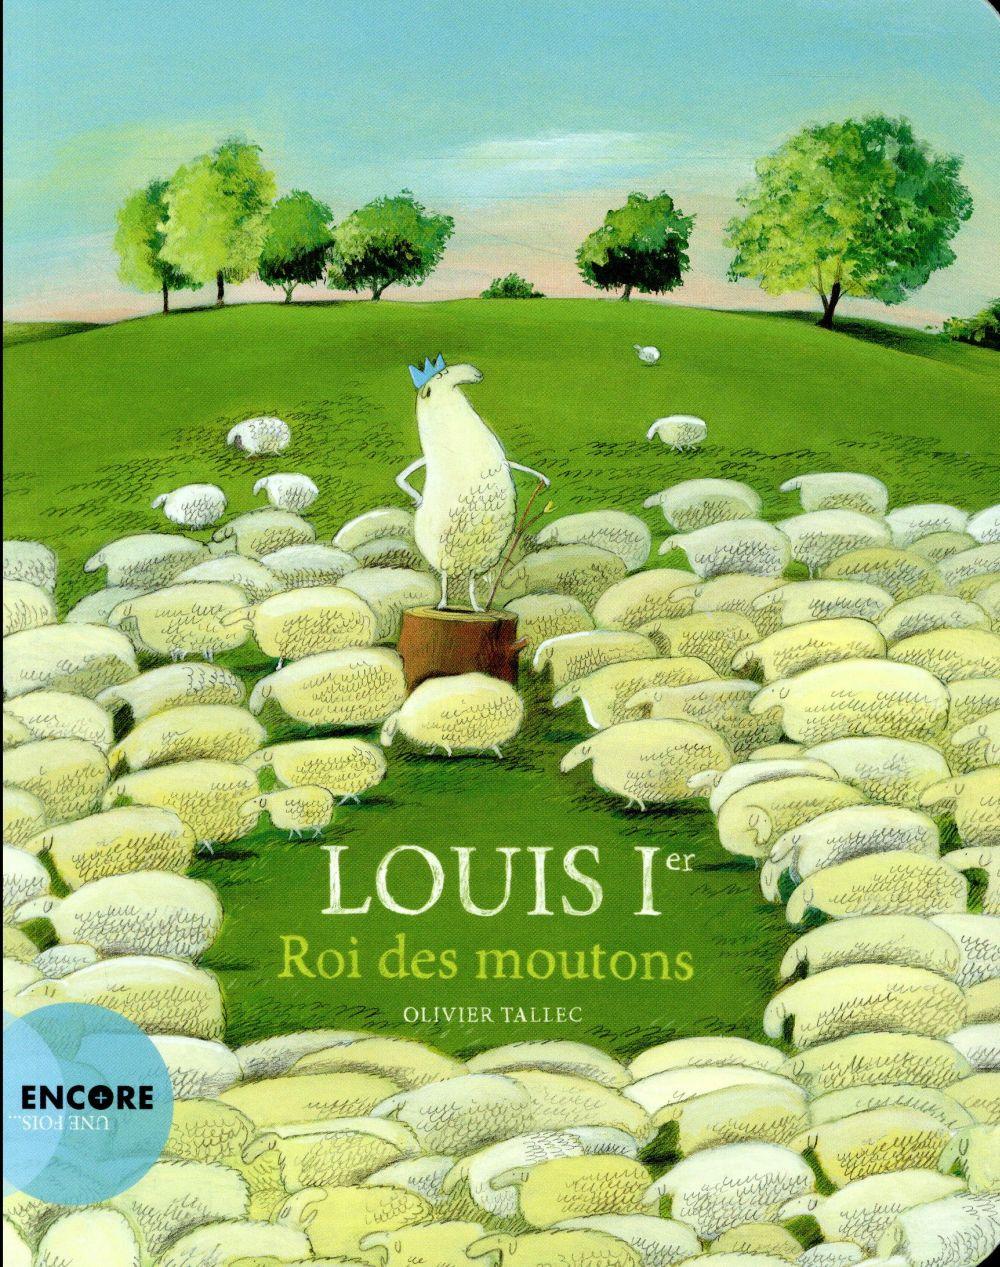 Louis Ier, roi des moutons